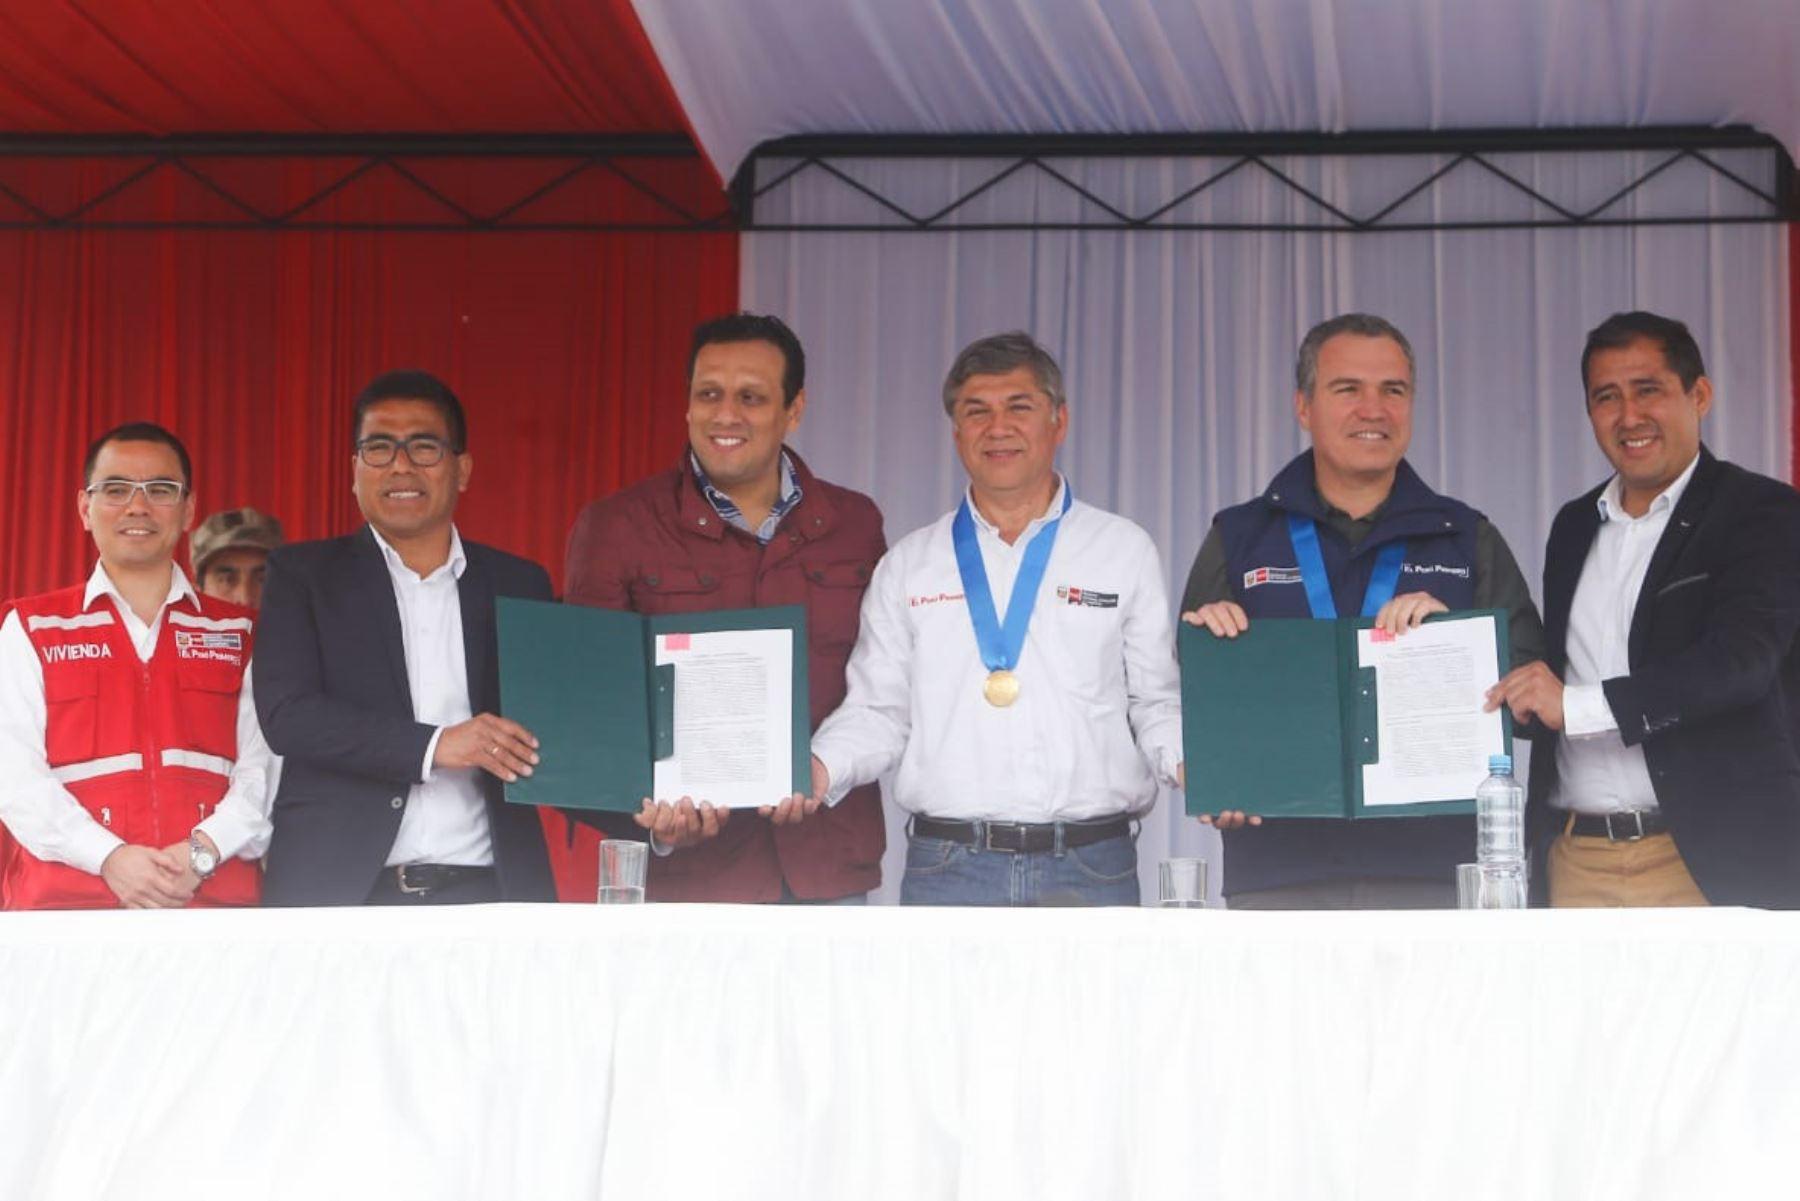 La Compañía Minera Antamina empezará a más tardar en un año las obras para mejorar el servicio de agua potable en la provincia de Huarmey, región Áncash.